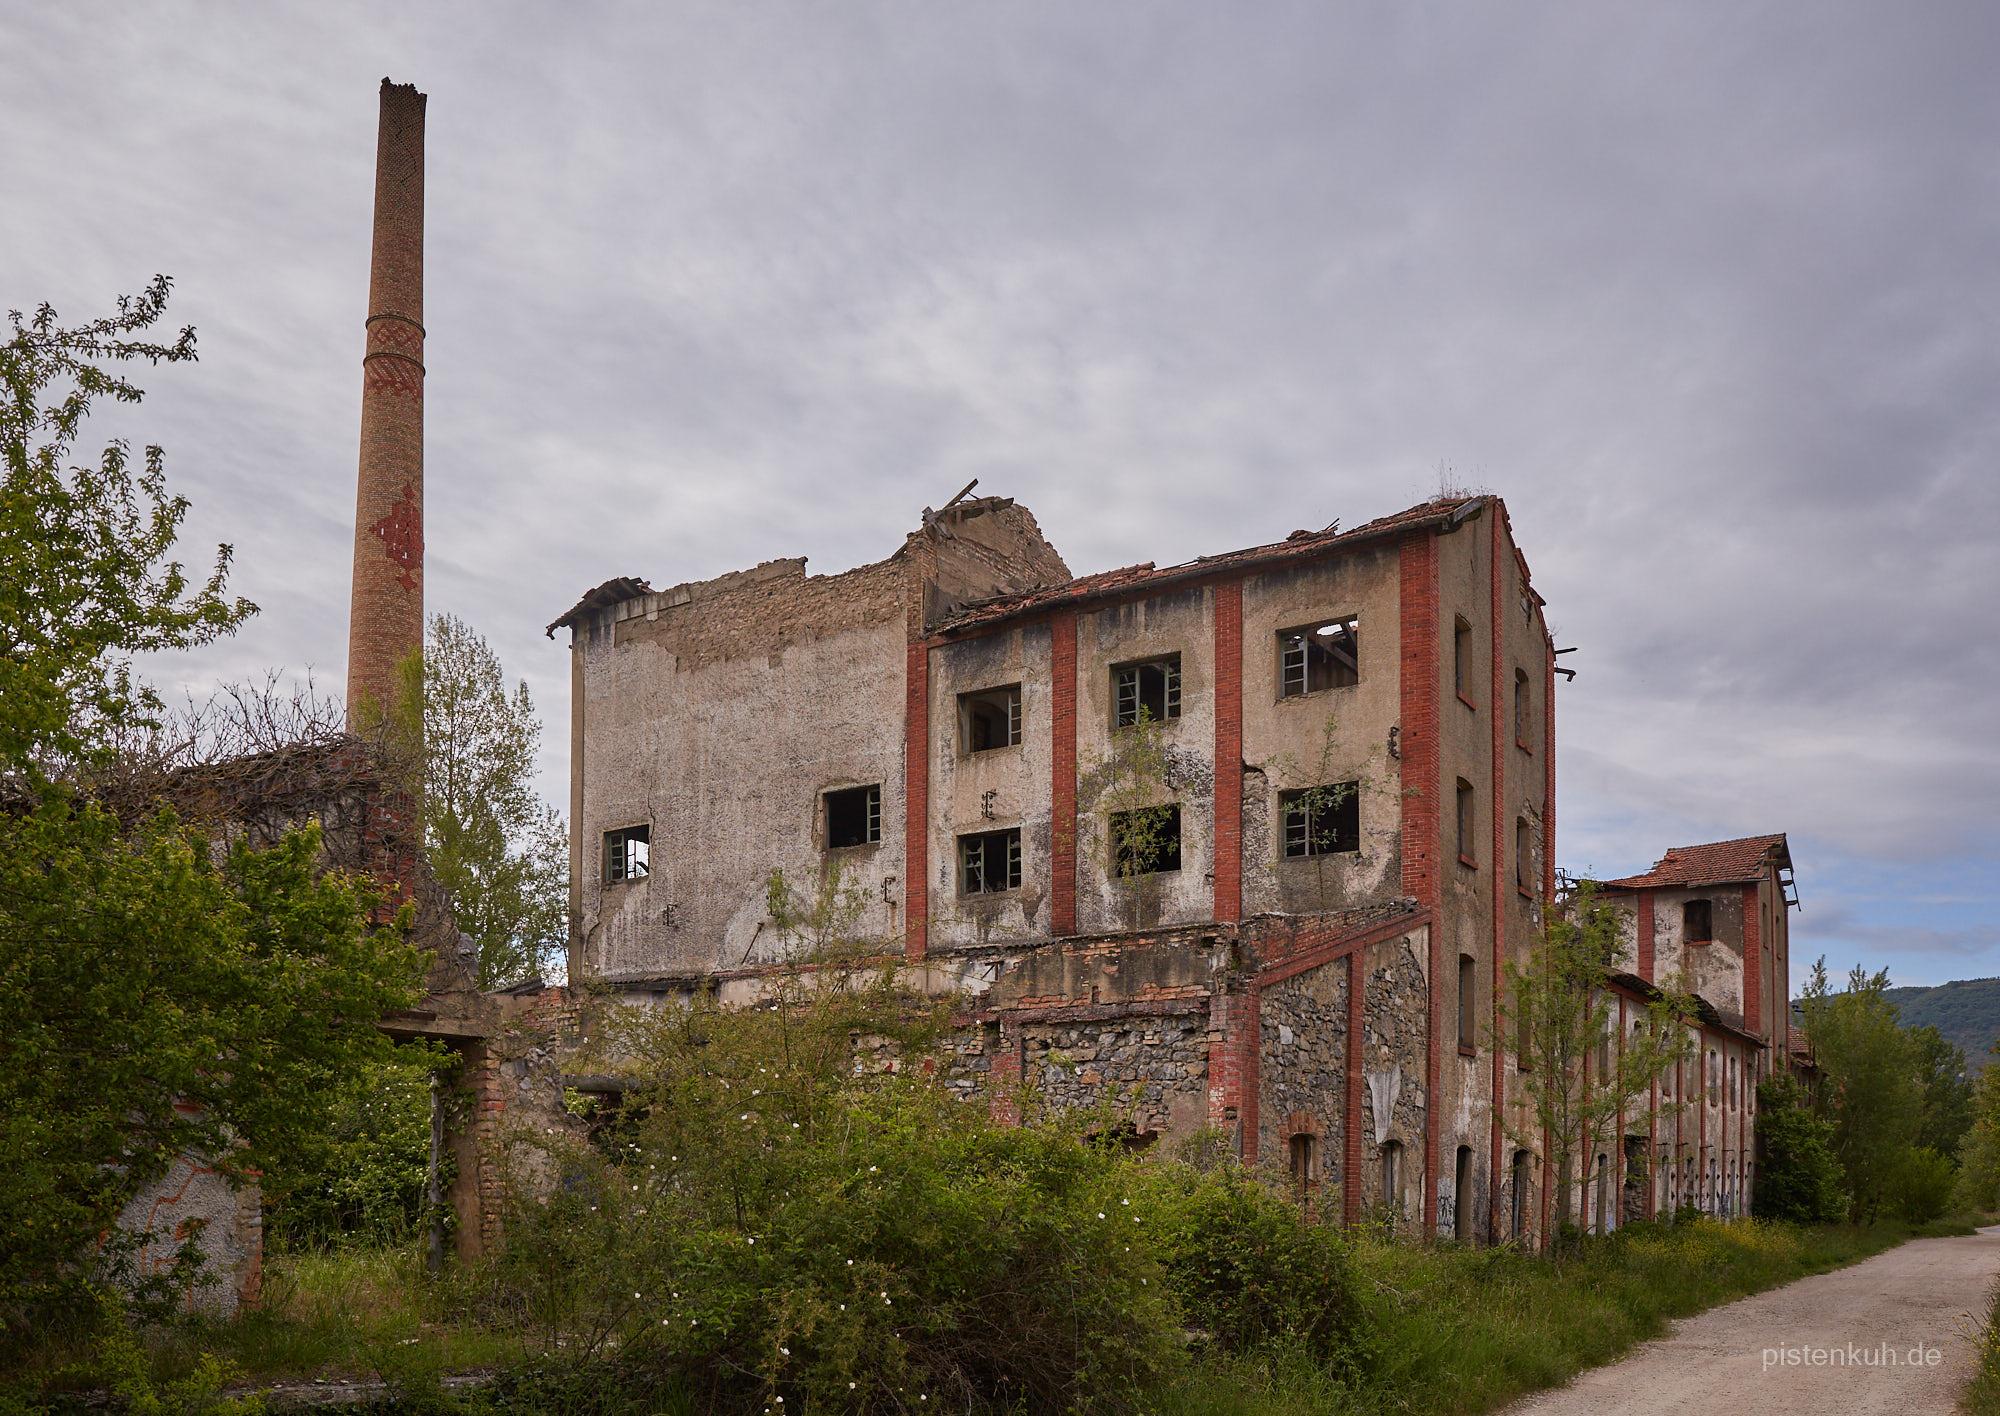 Lost Place Sägewerk in Ekai